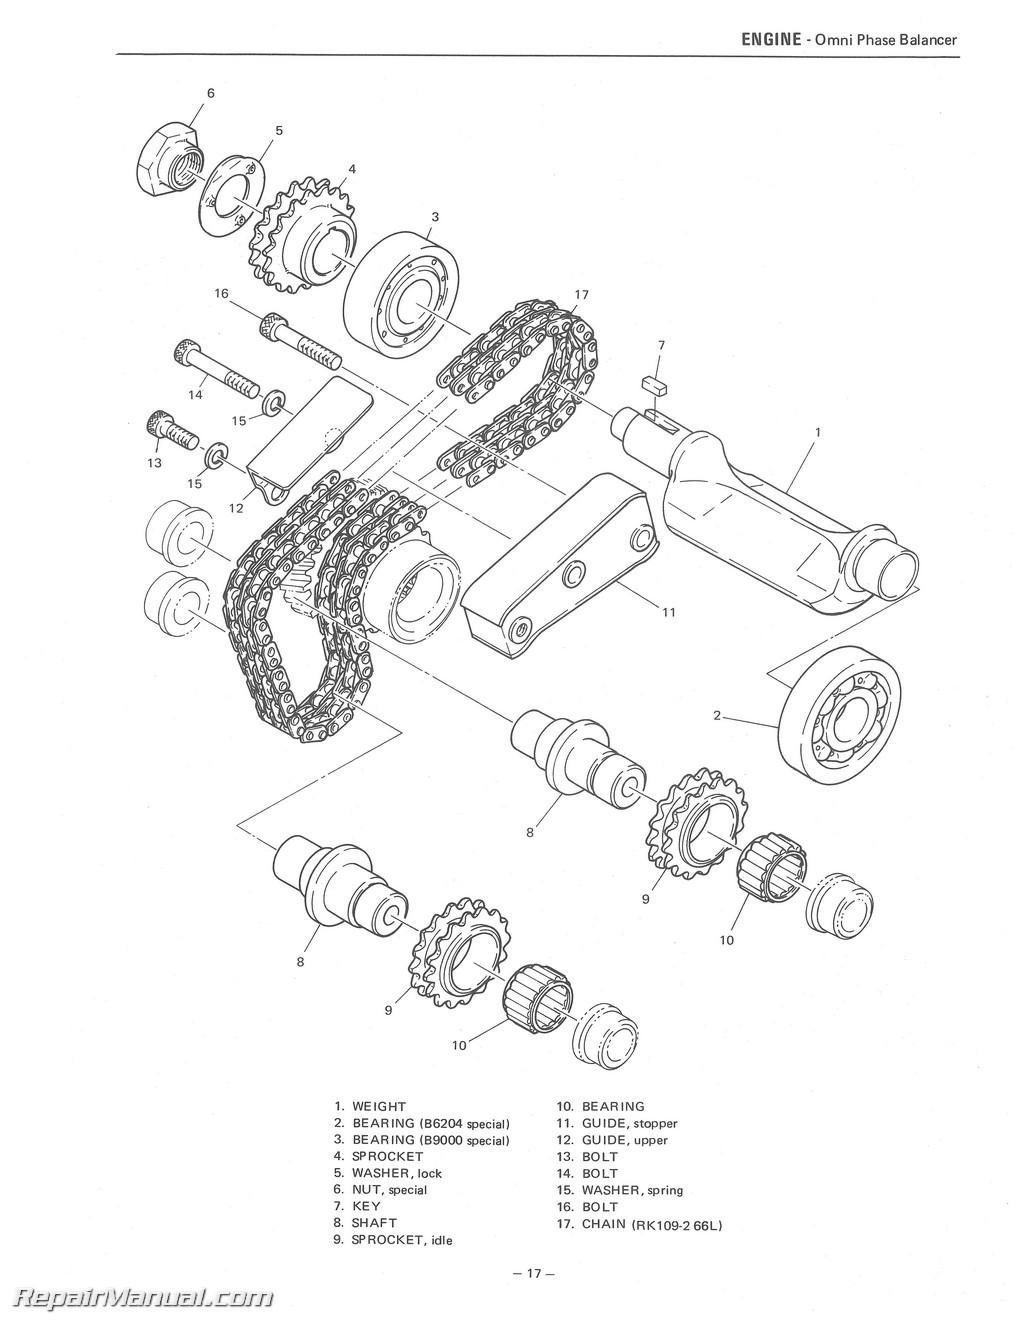 1973 yamaha ltmx  atmx  mx250  mx360 sc500 motorcycle manual